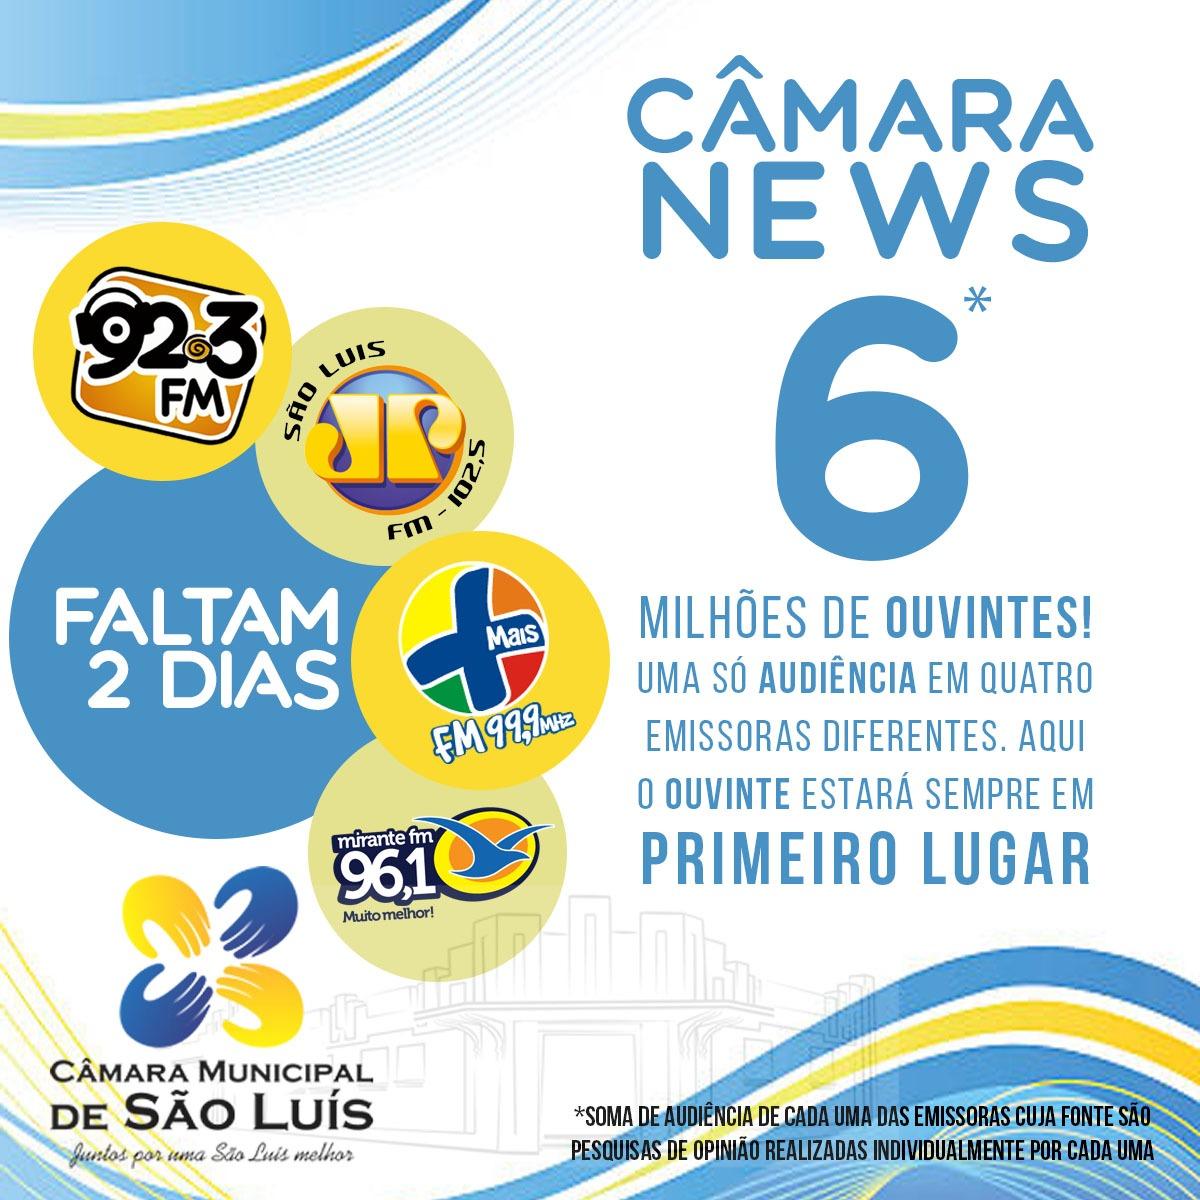 Photo of Vereadores de São Luís entrarão em milhares de casas através do Rádio AM/FM